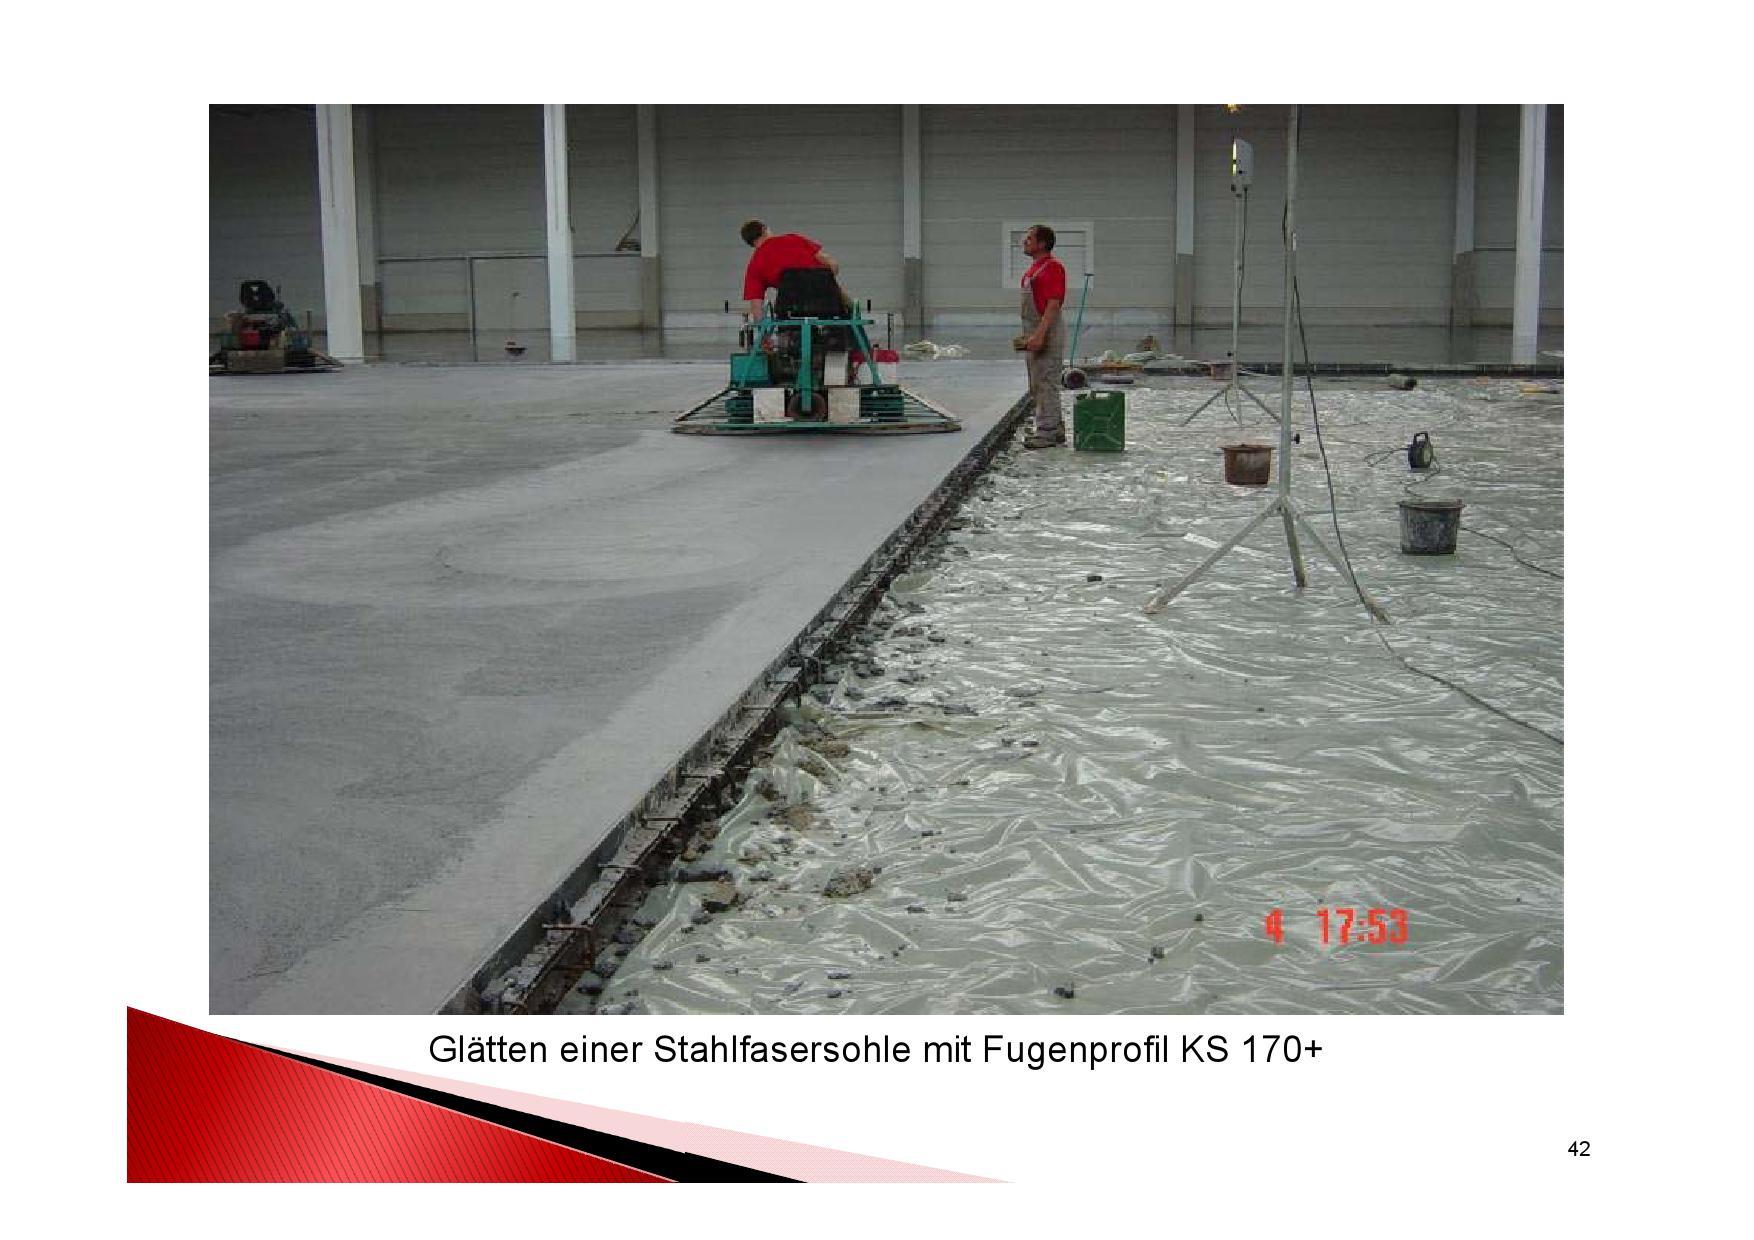 Industrieboden Herstellung: Glätten einer Stahlfasersohle mit Fugenprofil KS 170+